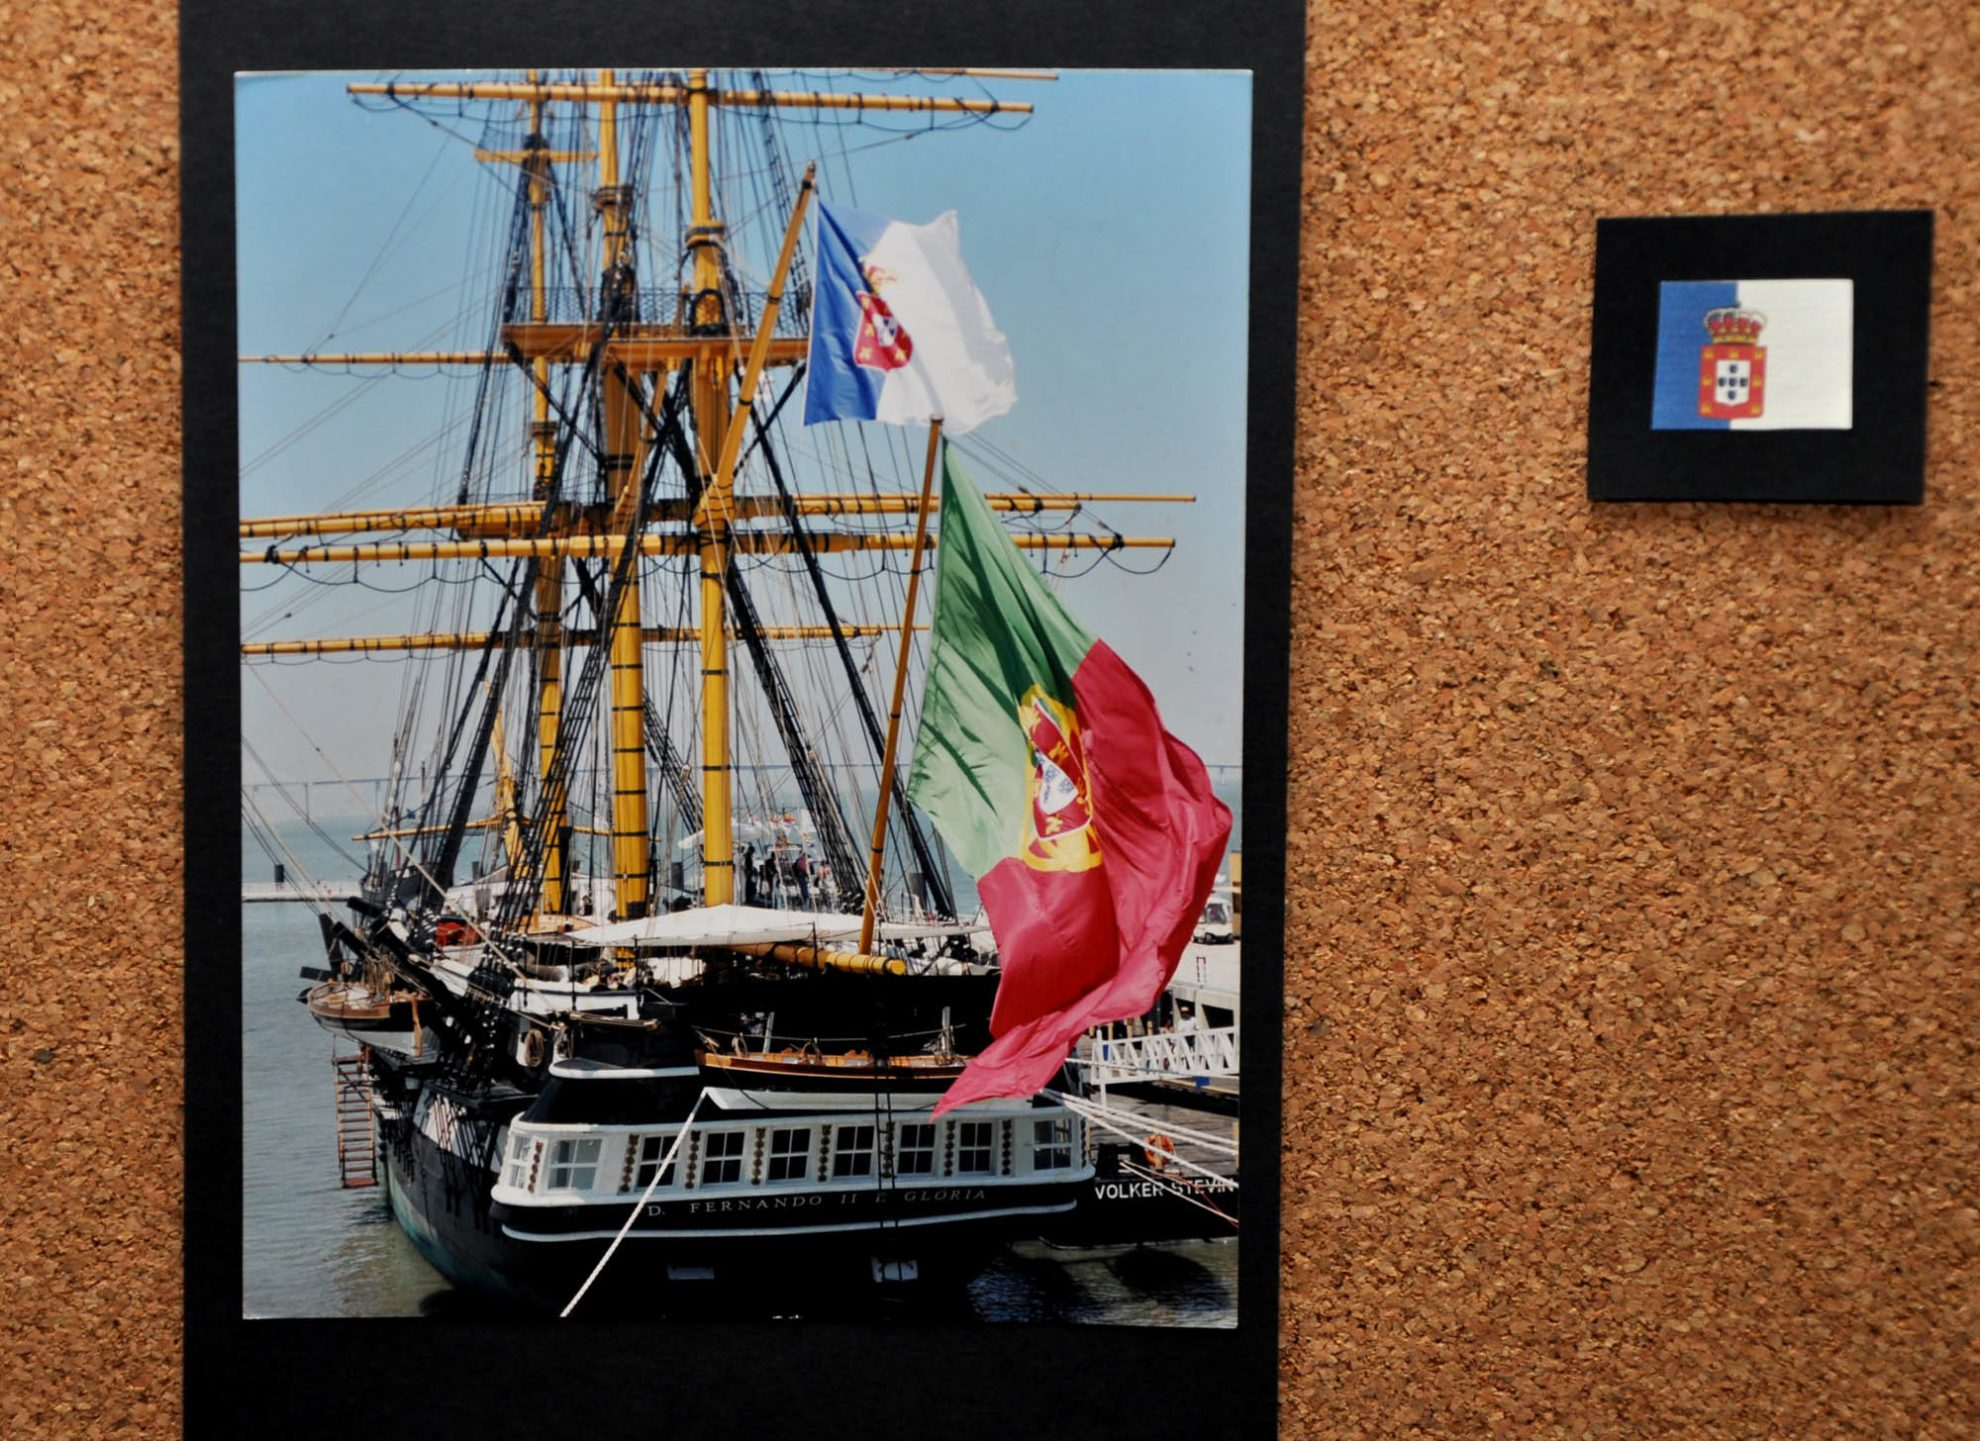 «Дон Фернанду II э Глория» на выставке ЭКСПО-98, фото в экспозиции на борту корабля-музея. Над фрегатом развеваются два португальских флага: современный красно-зеленый и «монархический» бело-синий, под которым парусник плавал до 1910 года.